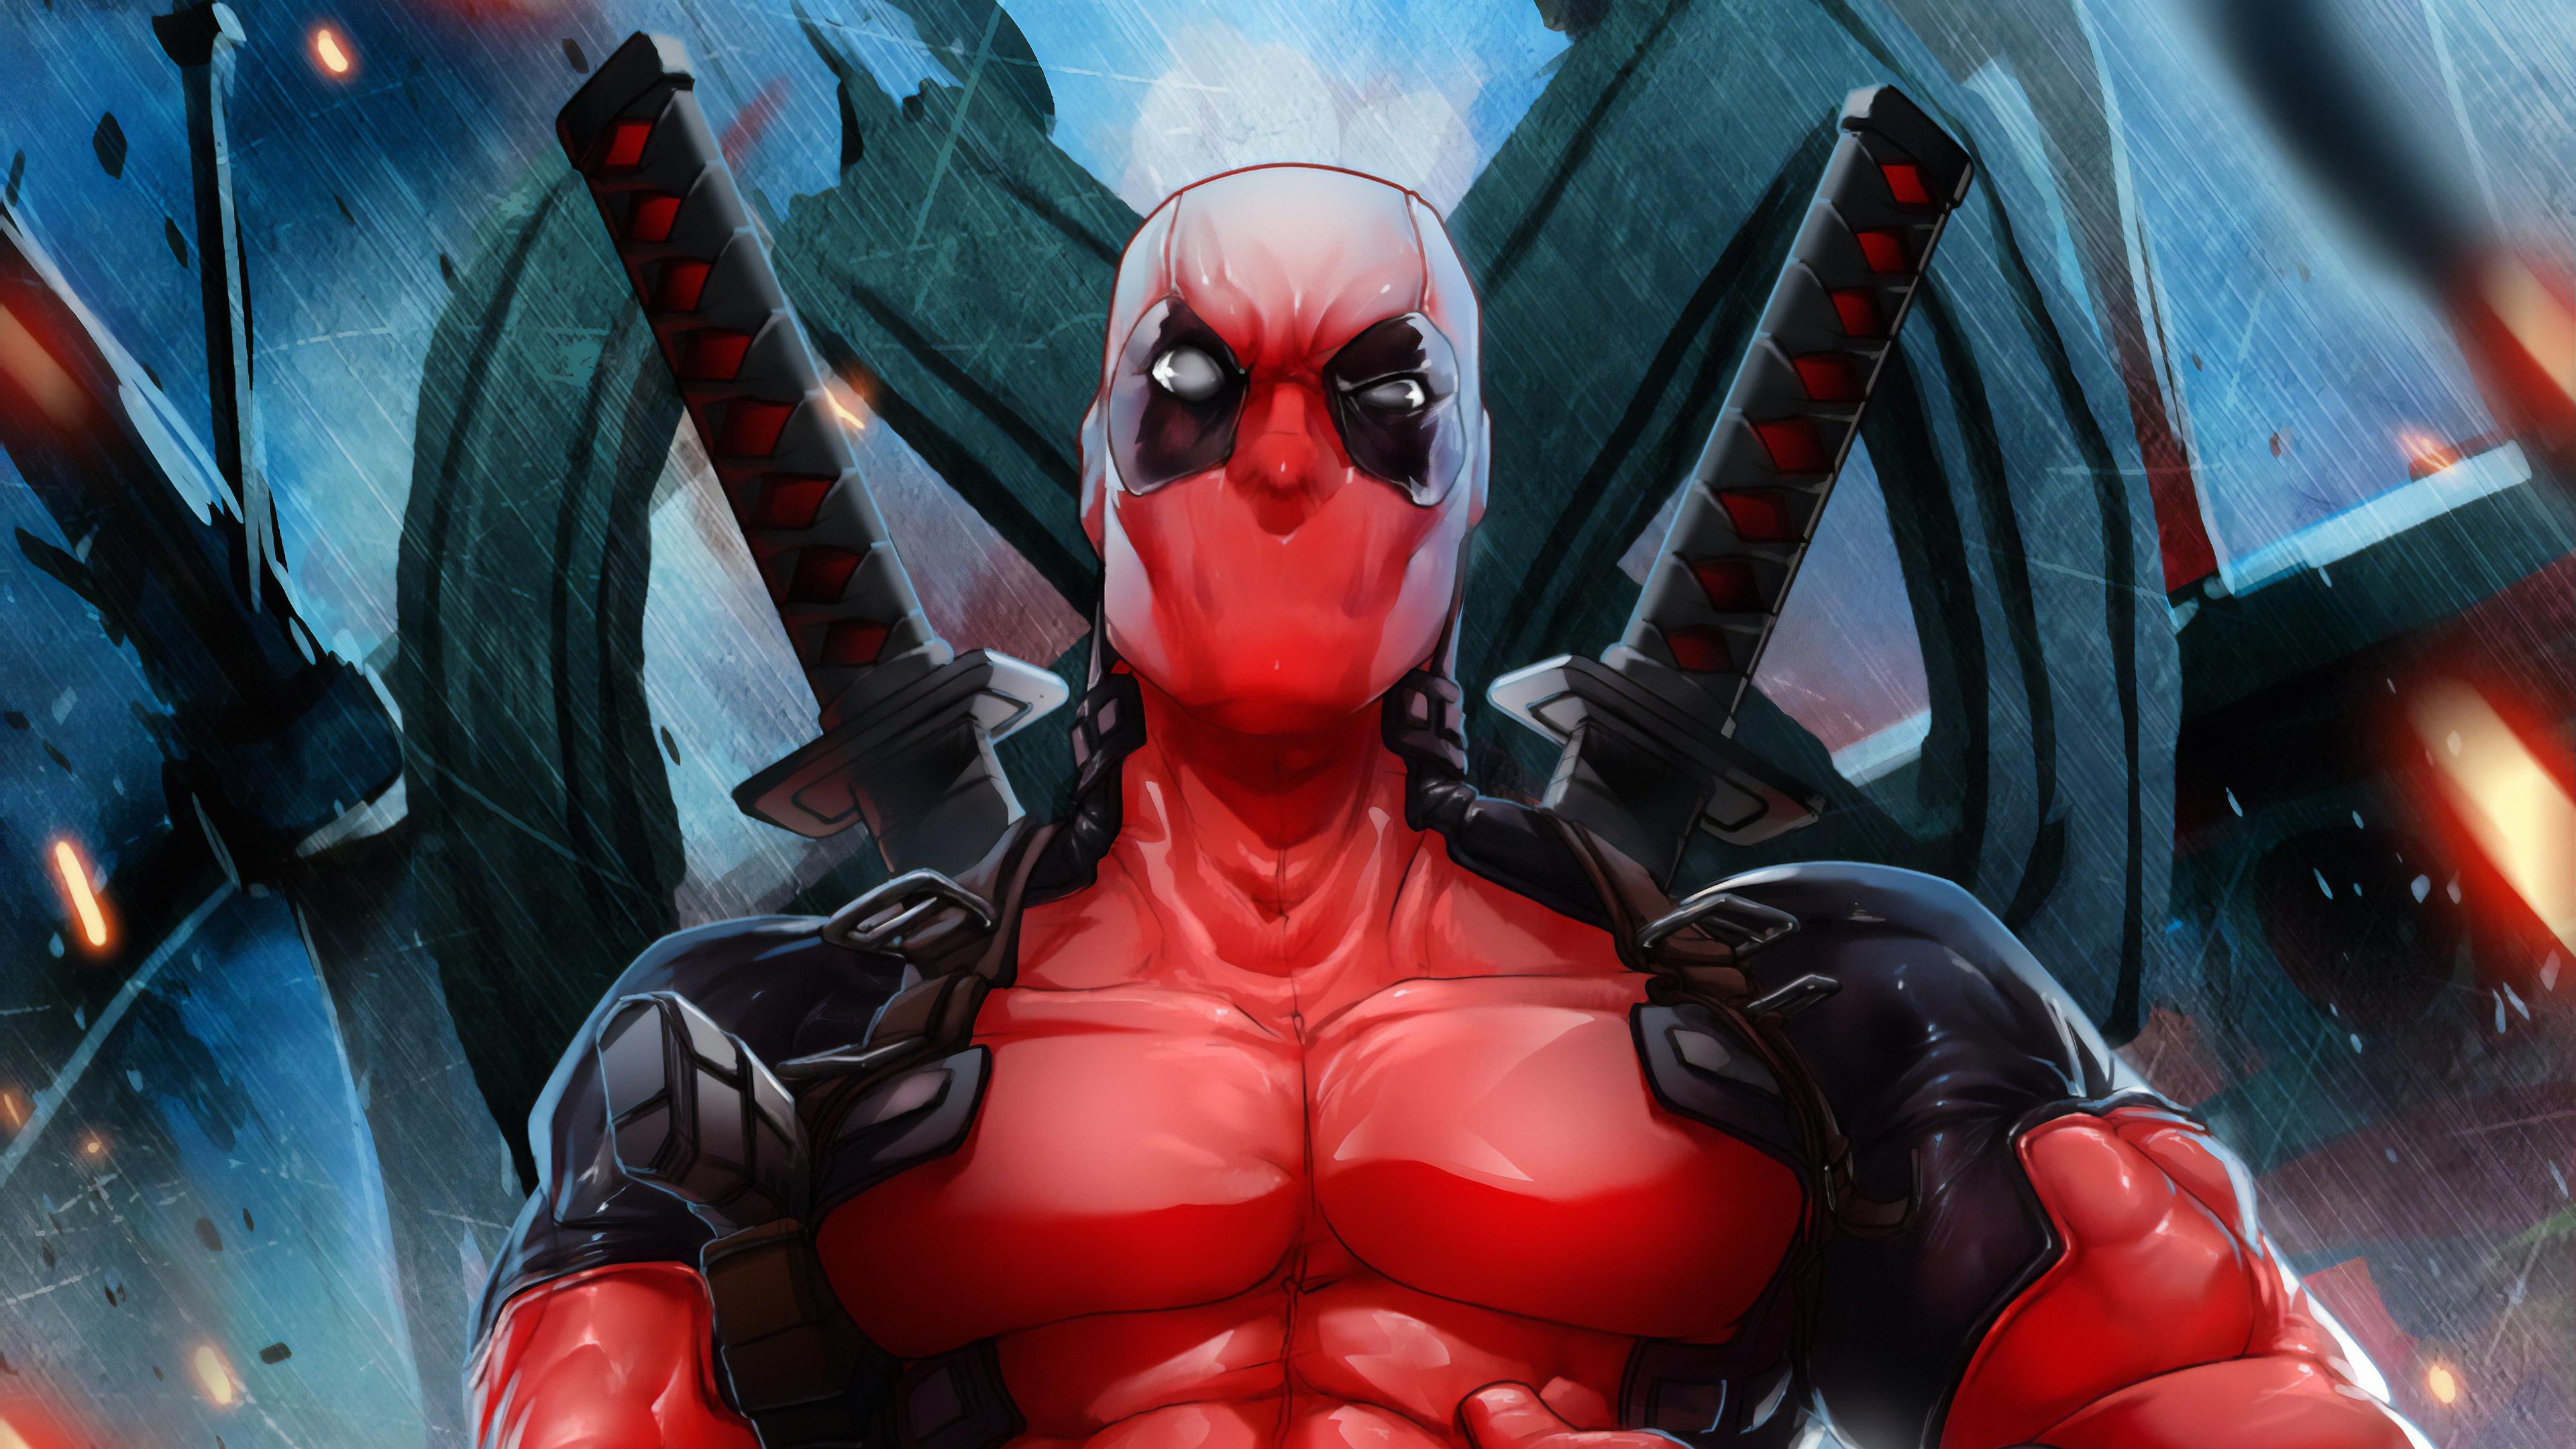 deadpool endgame 1562105721 - Deadpool Endgame - superheroes wallpapers, hd-wallpapers, digital art wallpapers, deadpool wallpapers, artwork wallpapers, 4k-wallpapers